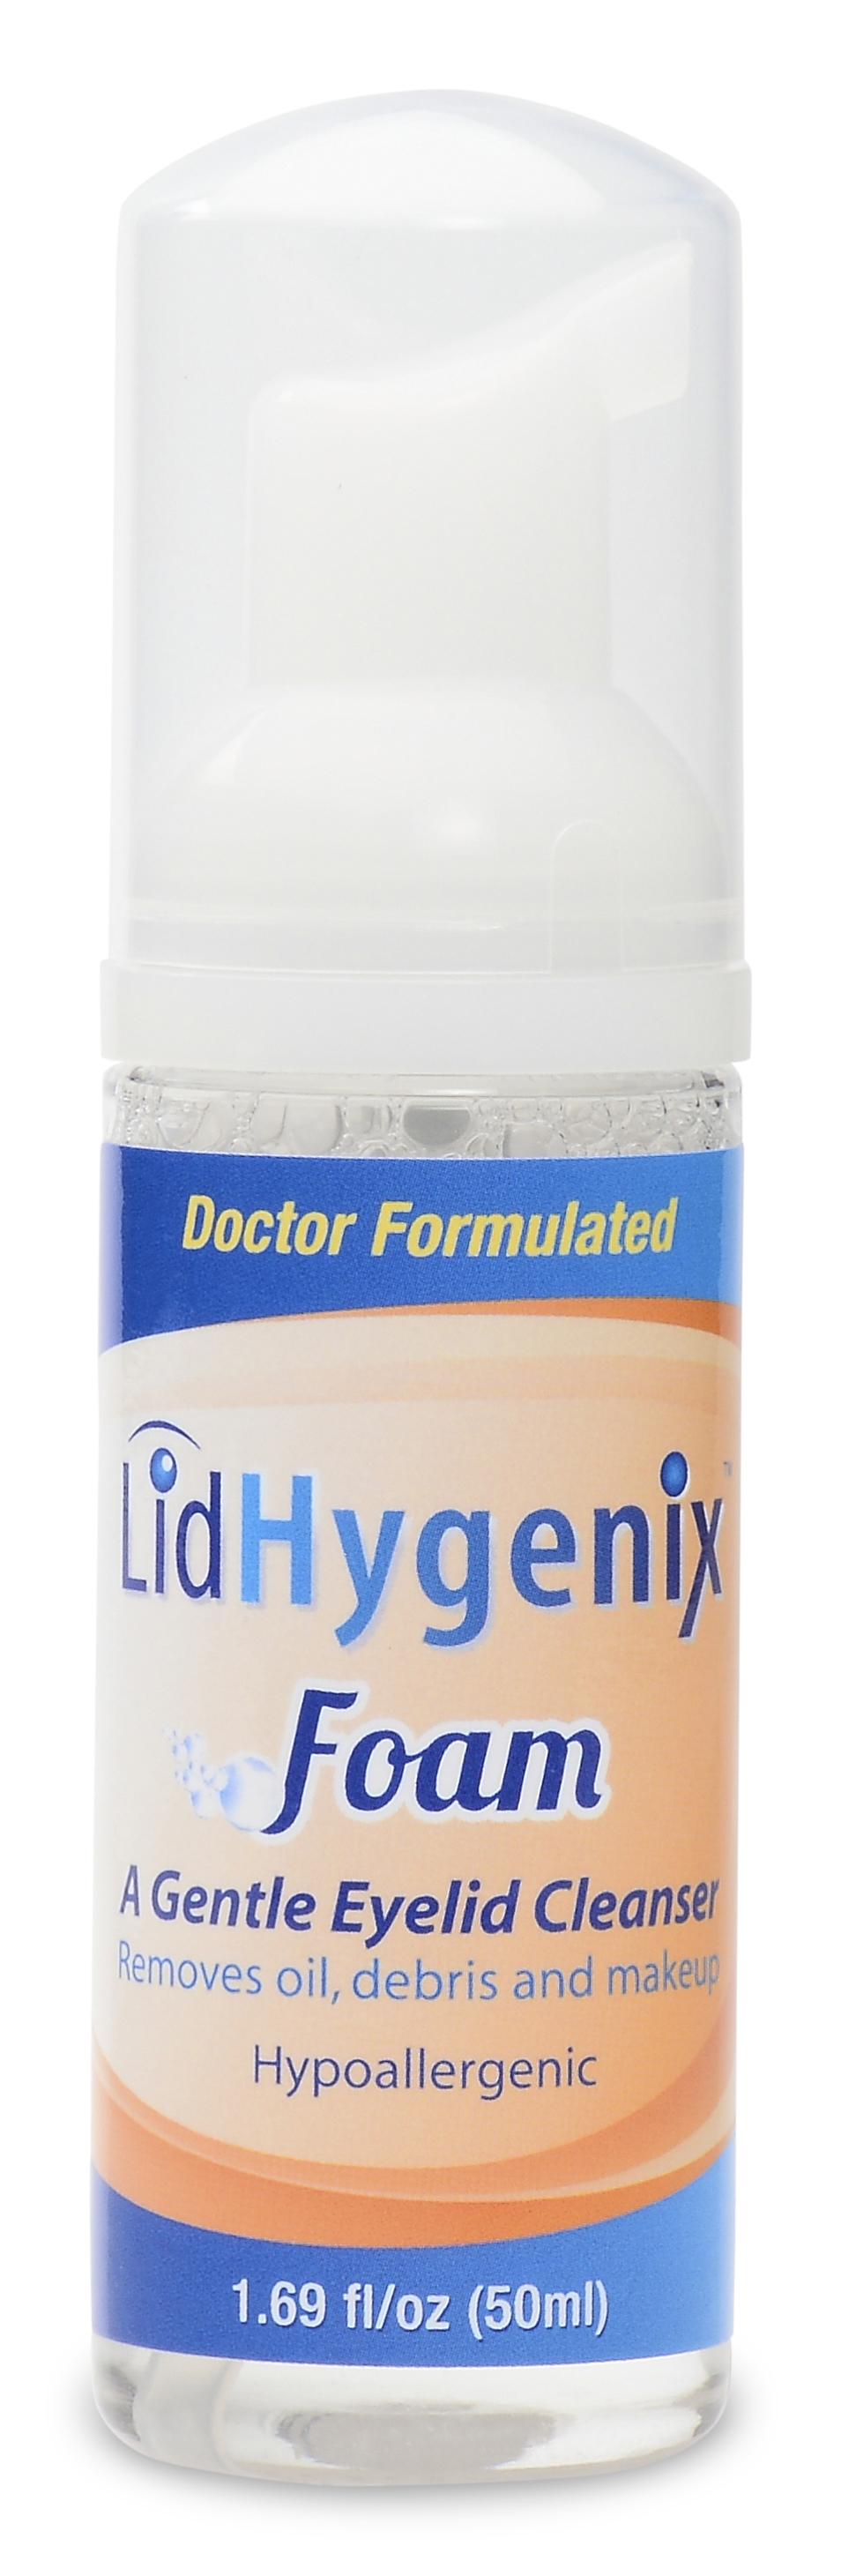 Lid Hygenix Foam bottle picture.jpg